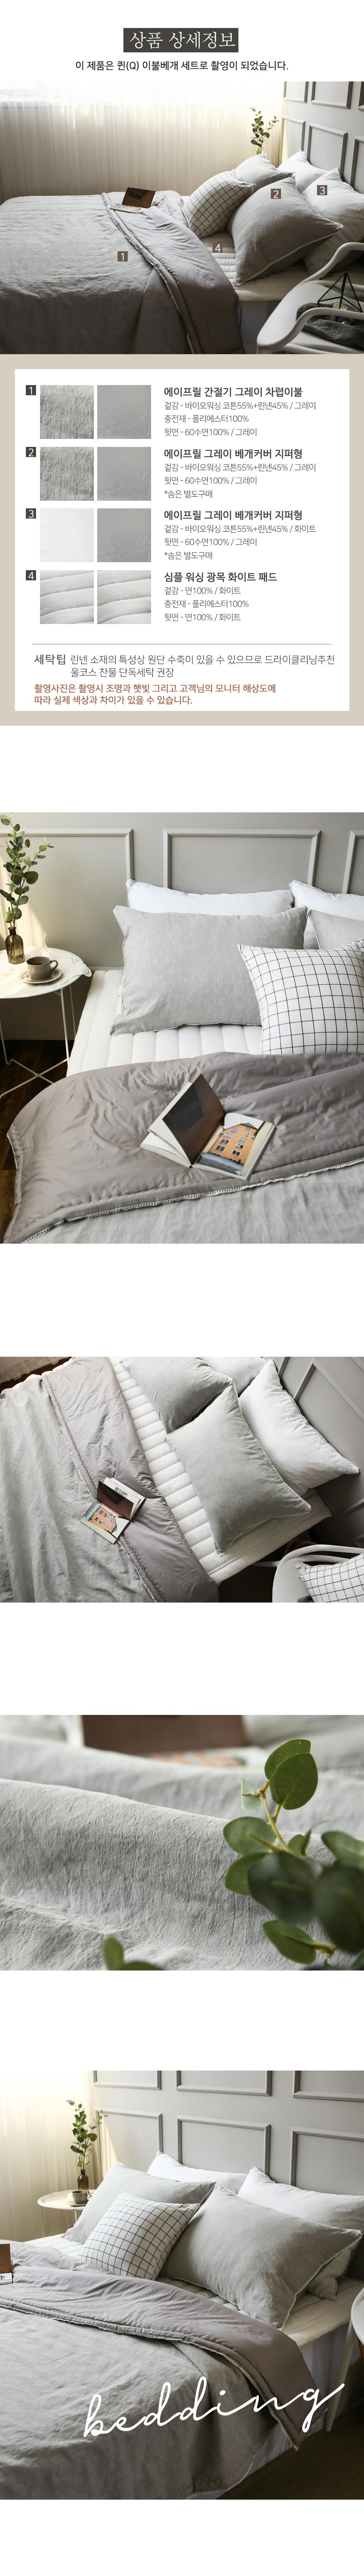 에이프릴 린넨 간절기 차렵이불 그레이SS - 스타일링홈, 99,000원, 침구 단품, 차렵이불